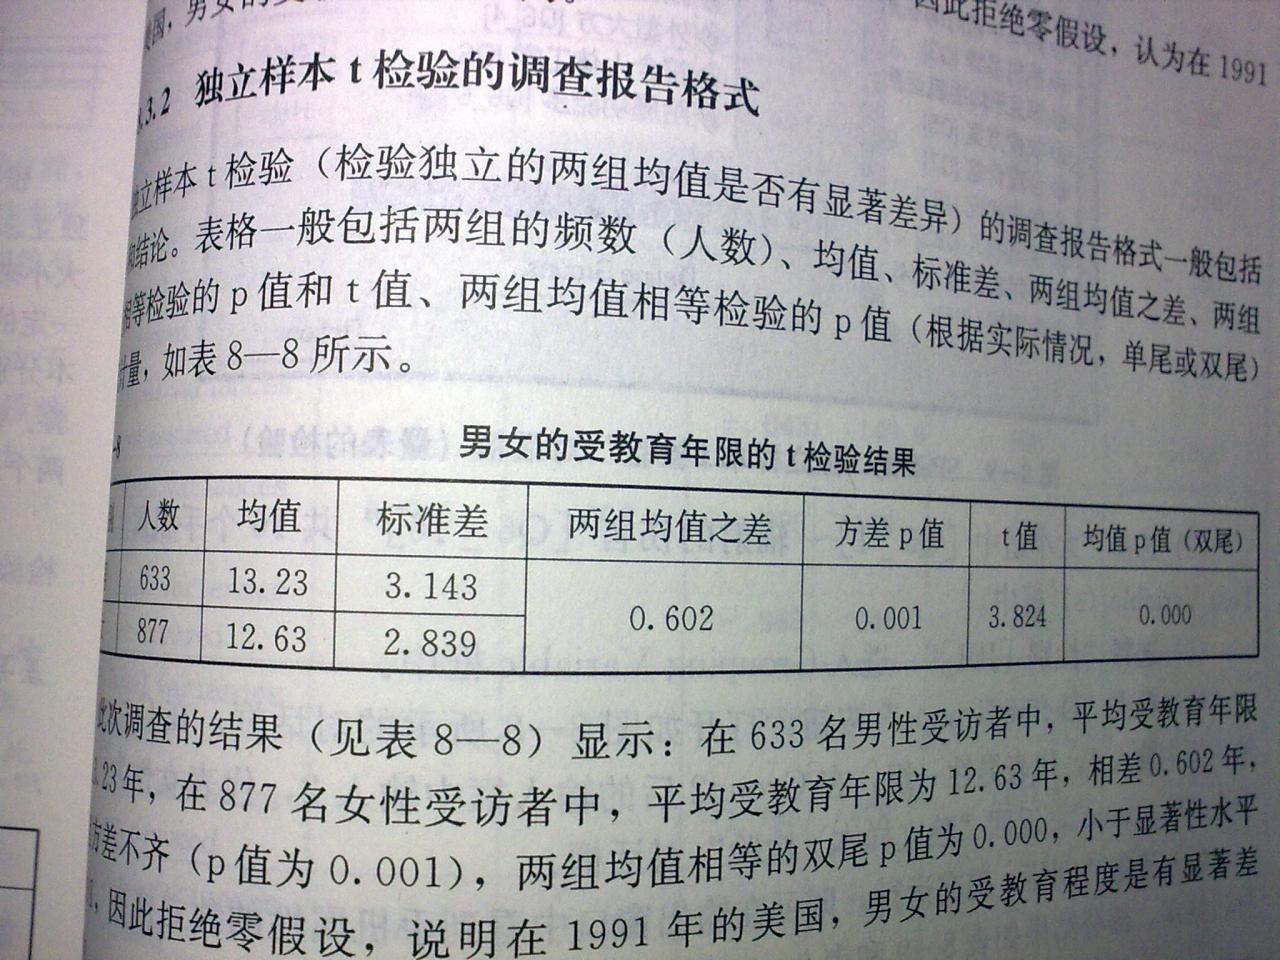 如何分析独立样本T检验结果 独立样本t检验分析_独立样本t检验结果